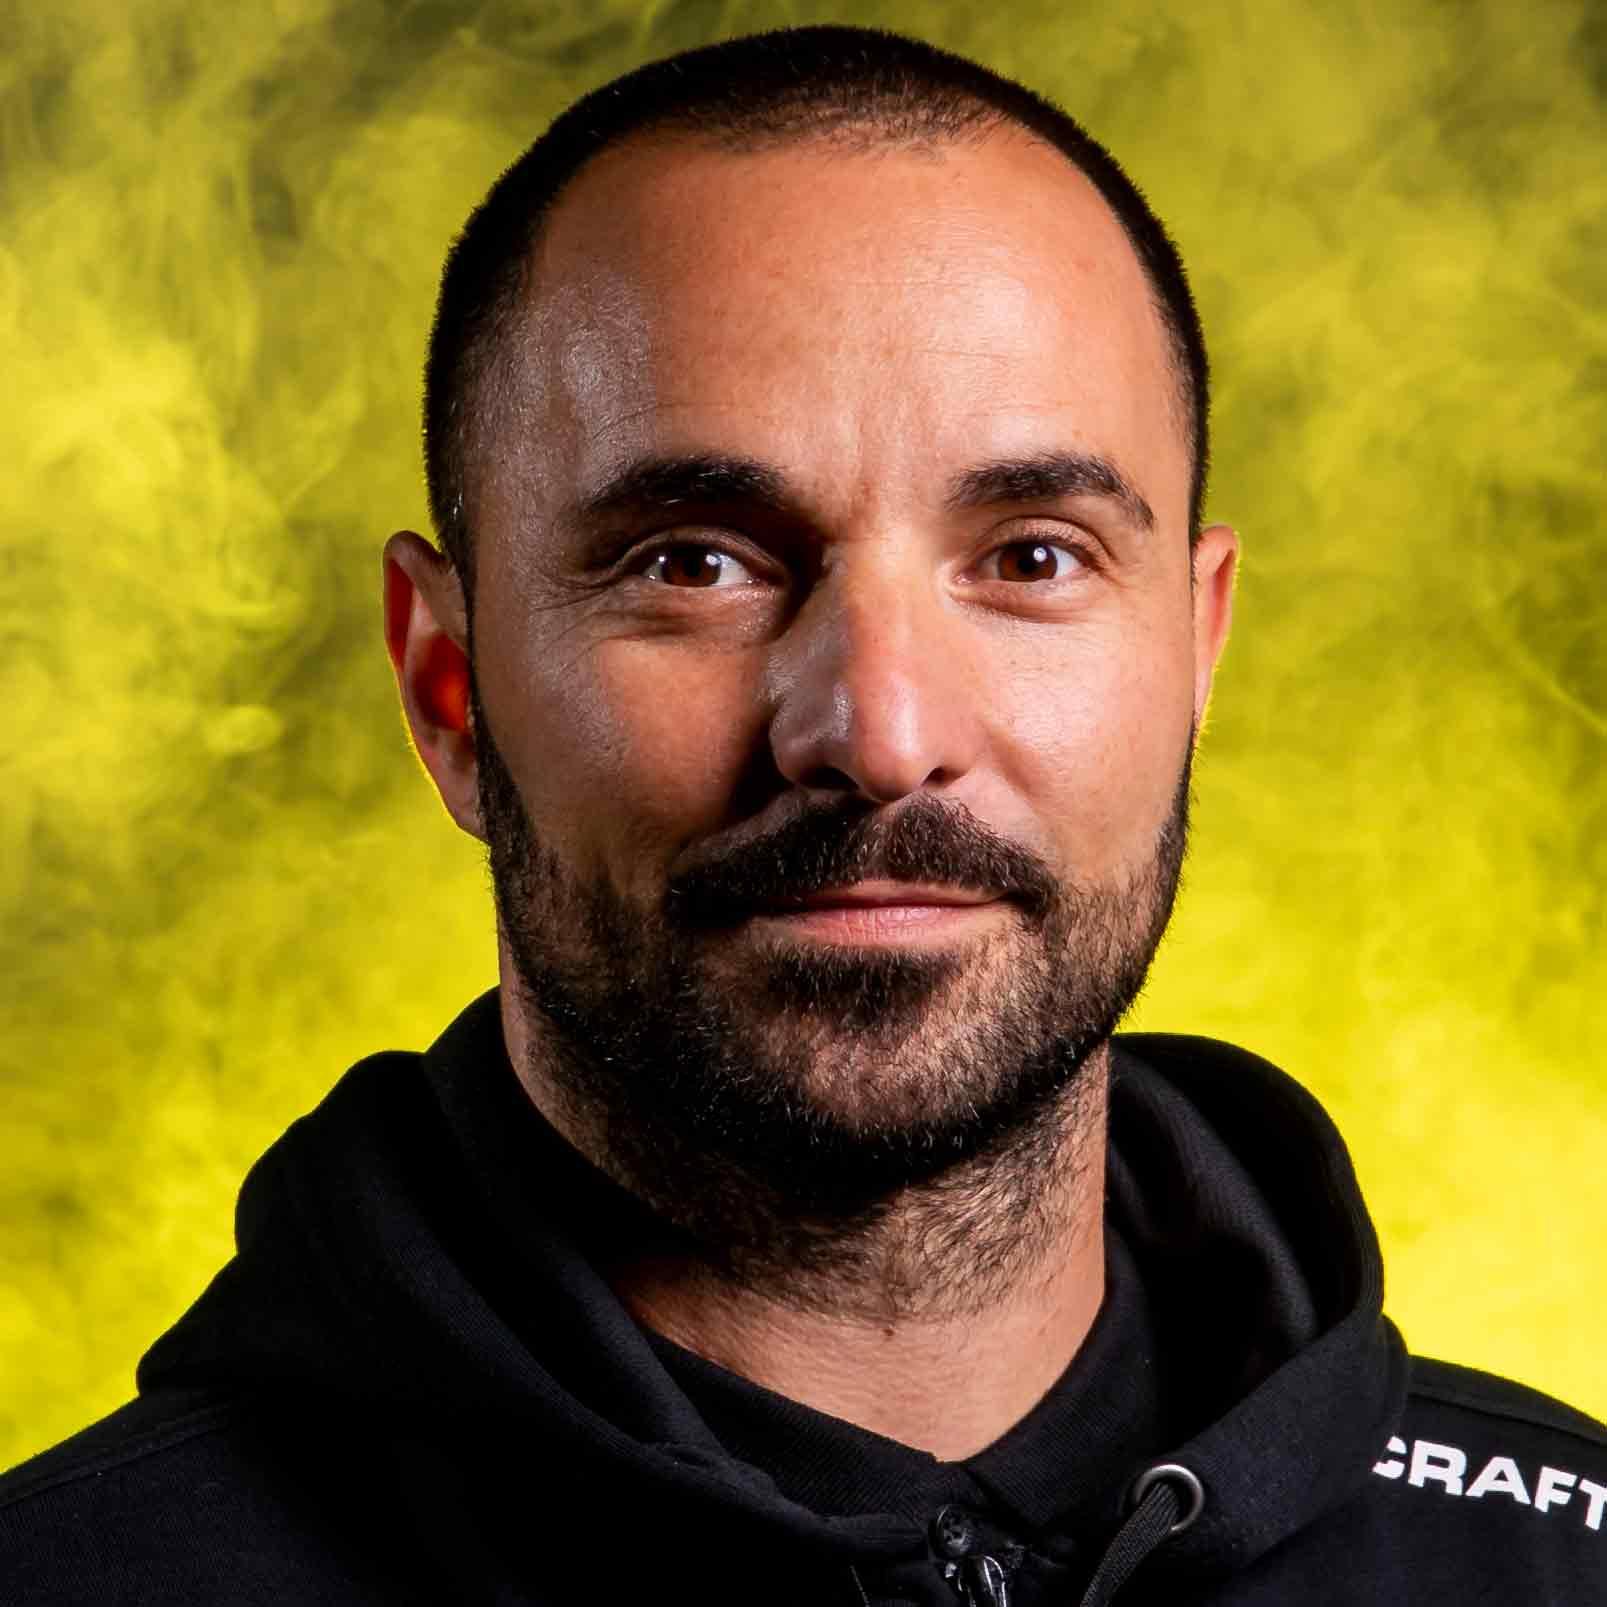 José Spolidro